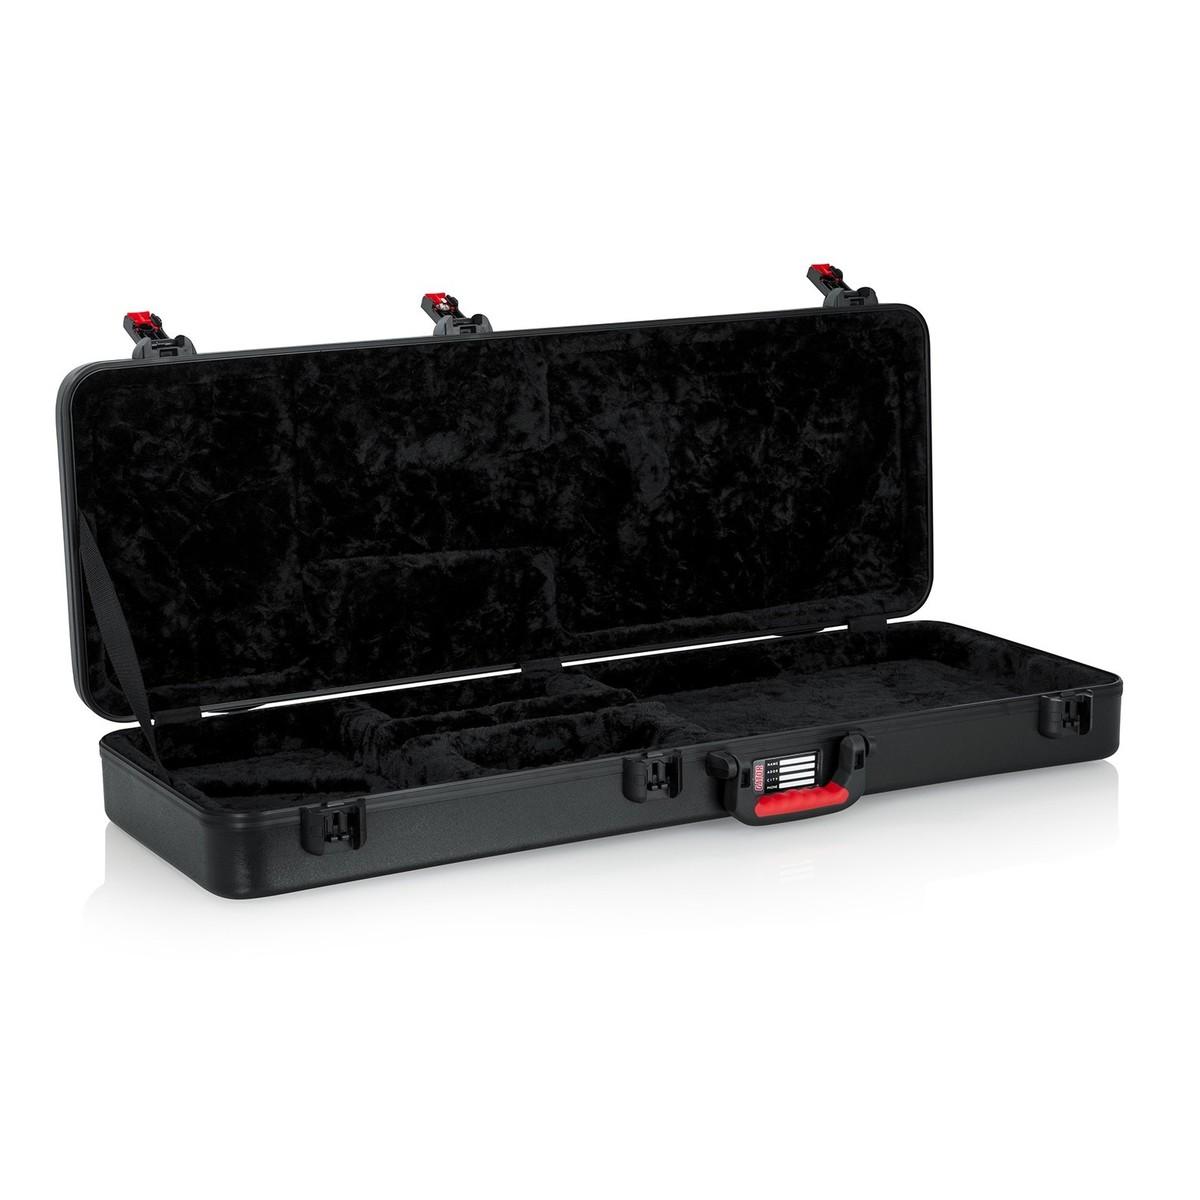 gator gtsa gtrelec electric guitar case at. Black Bedroom Furniture Sets. Home Design Ideas